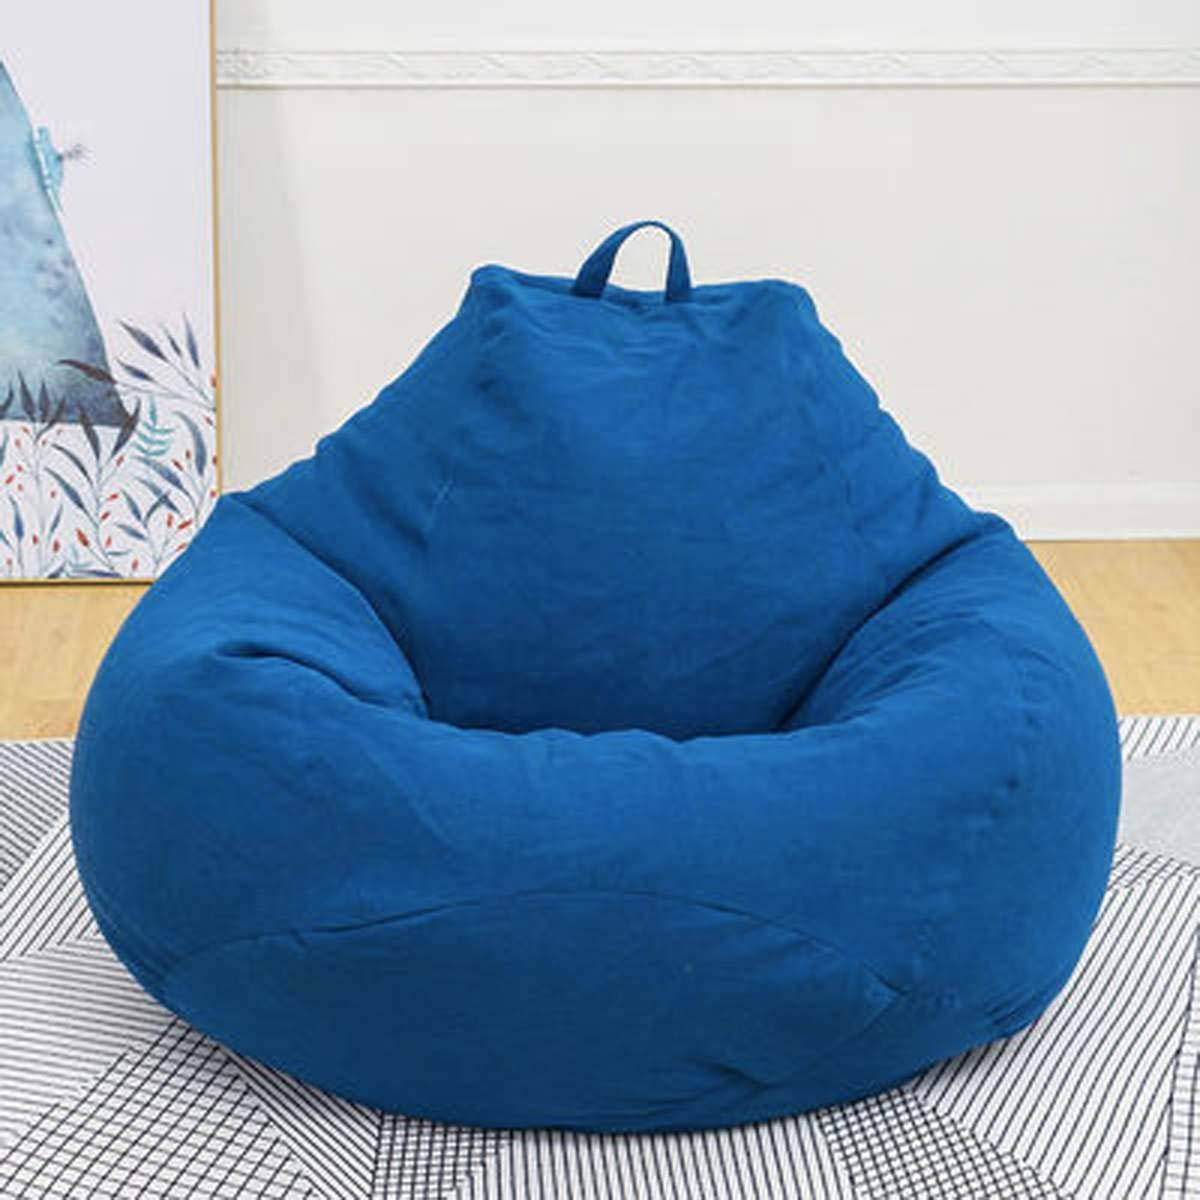 Astounding Amazon Com 120Cm Super Large Bean Bag Sofa Chair Cover Inzonedesignstudio Interior Chair Design Inzonedesignstudiocom